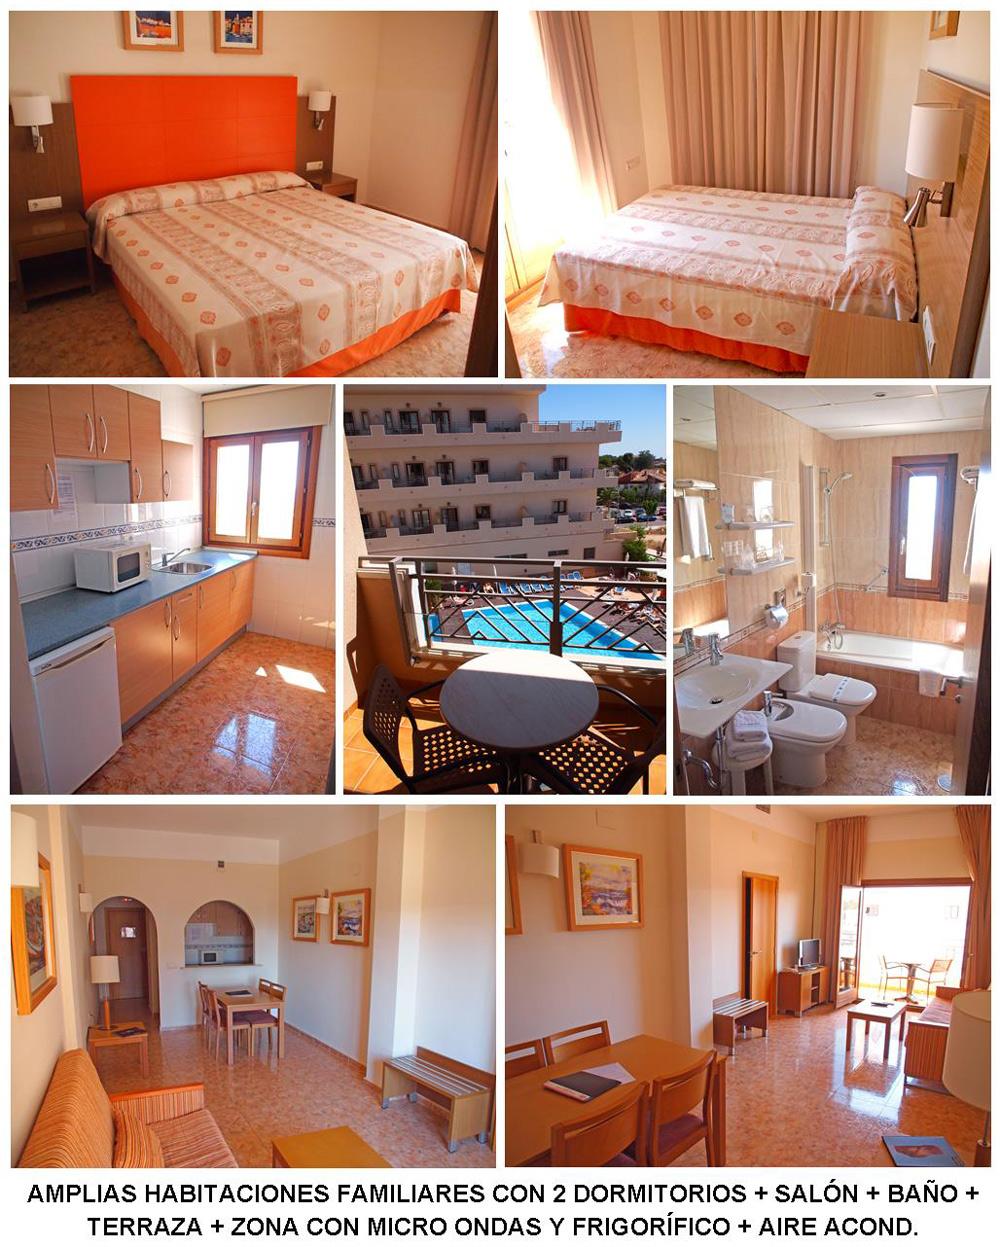 Hotel costa narejos las habitaciones del hotel costa narejos for Habitacion hotel familiar palermo